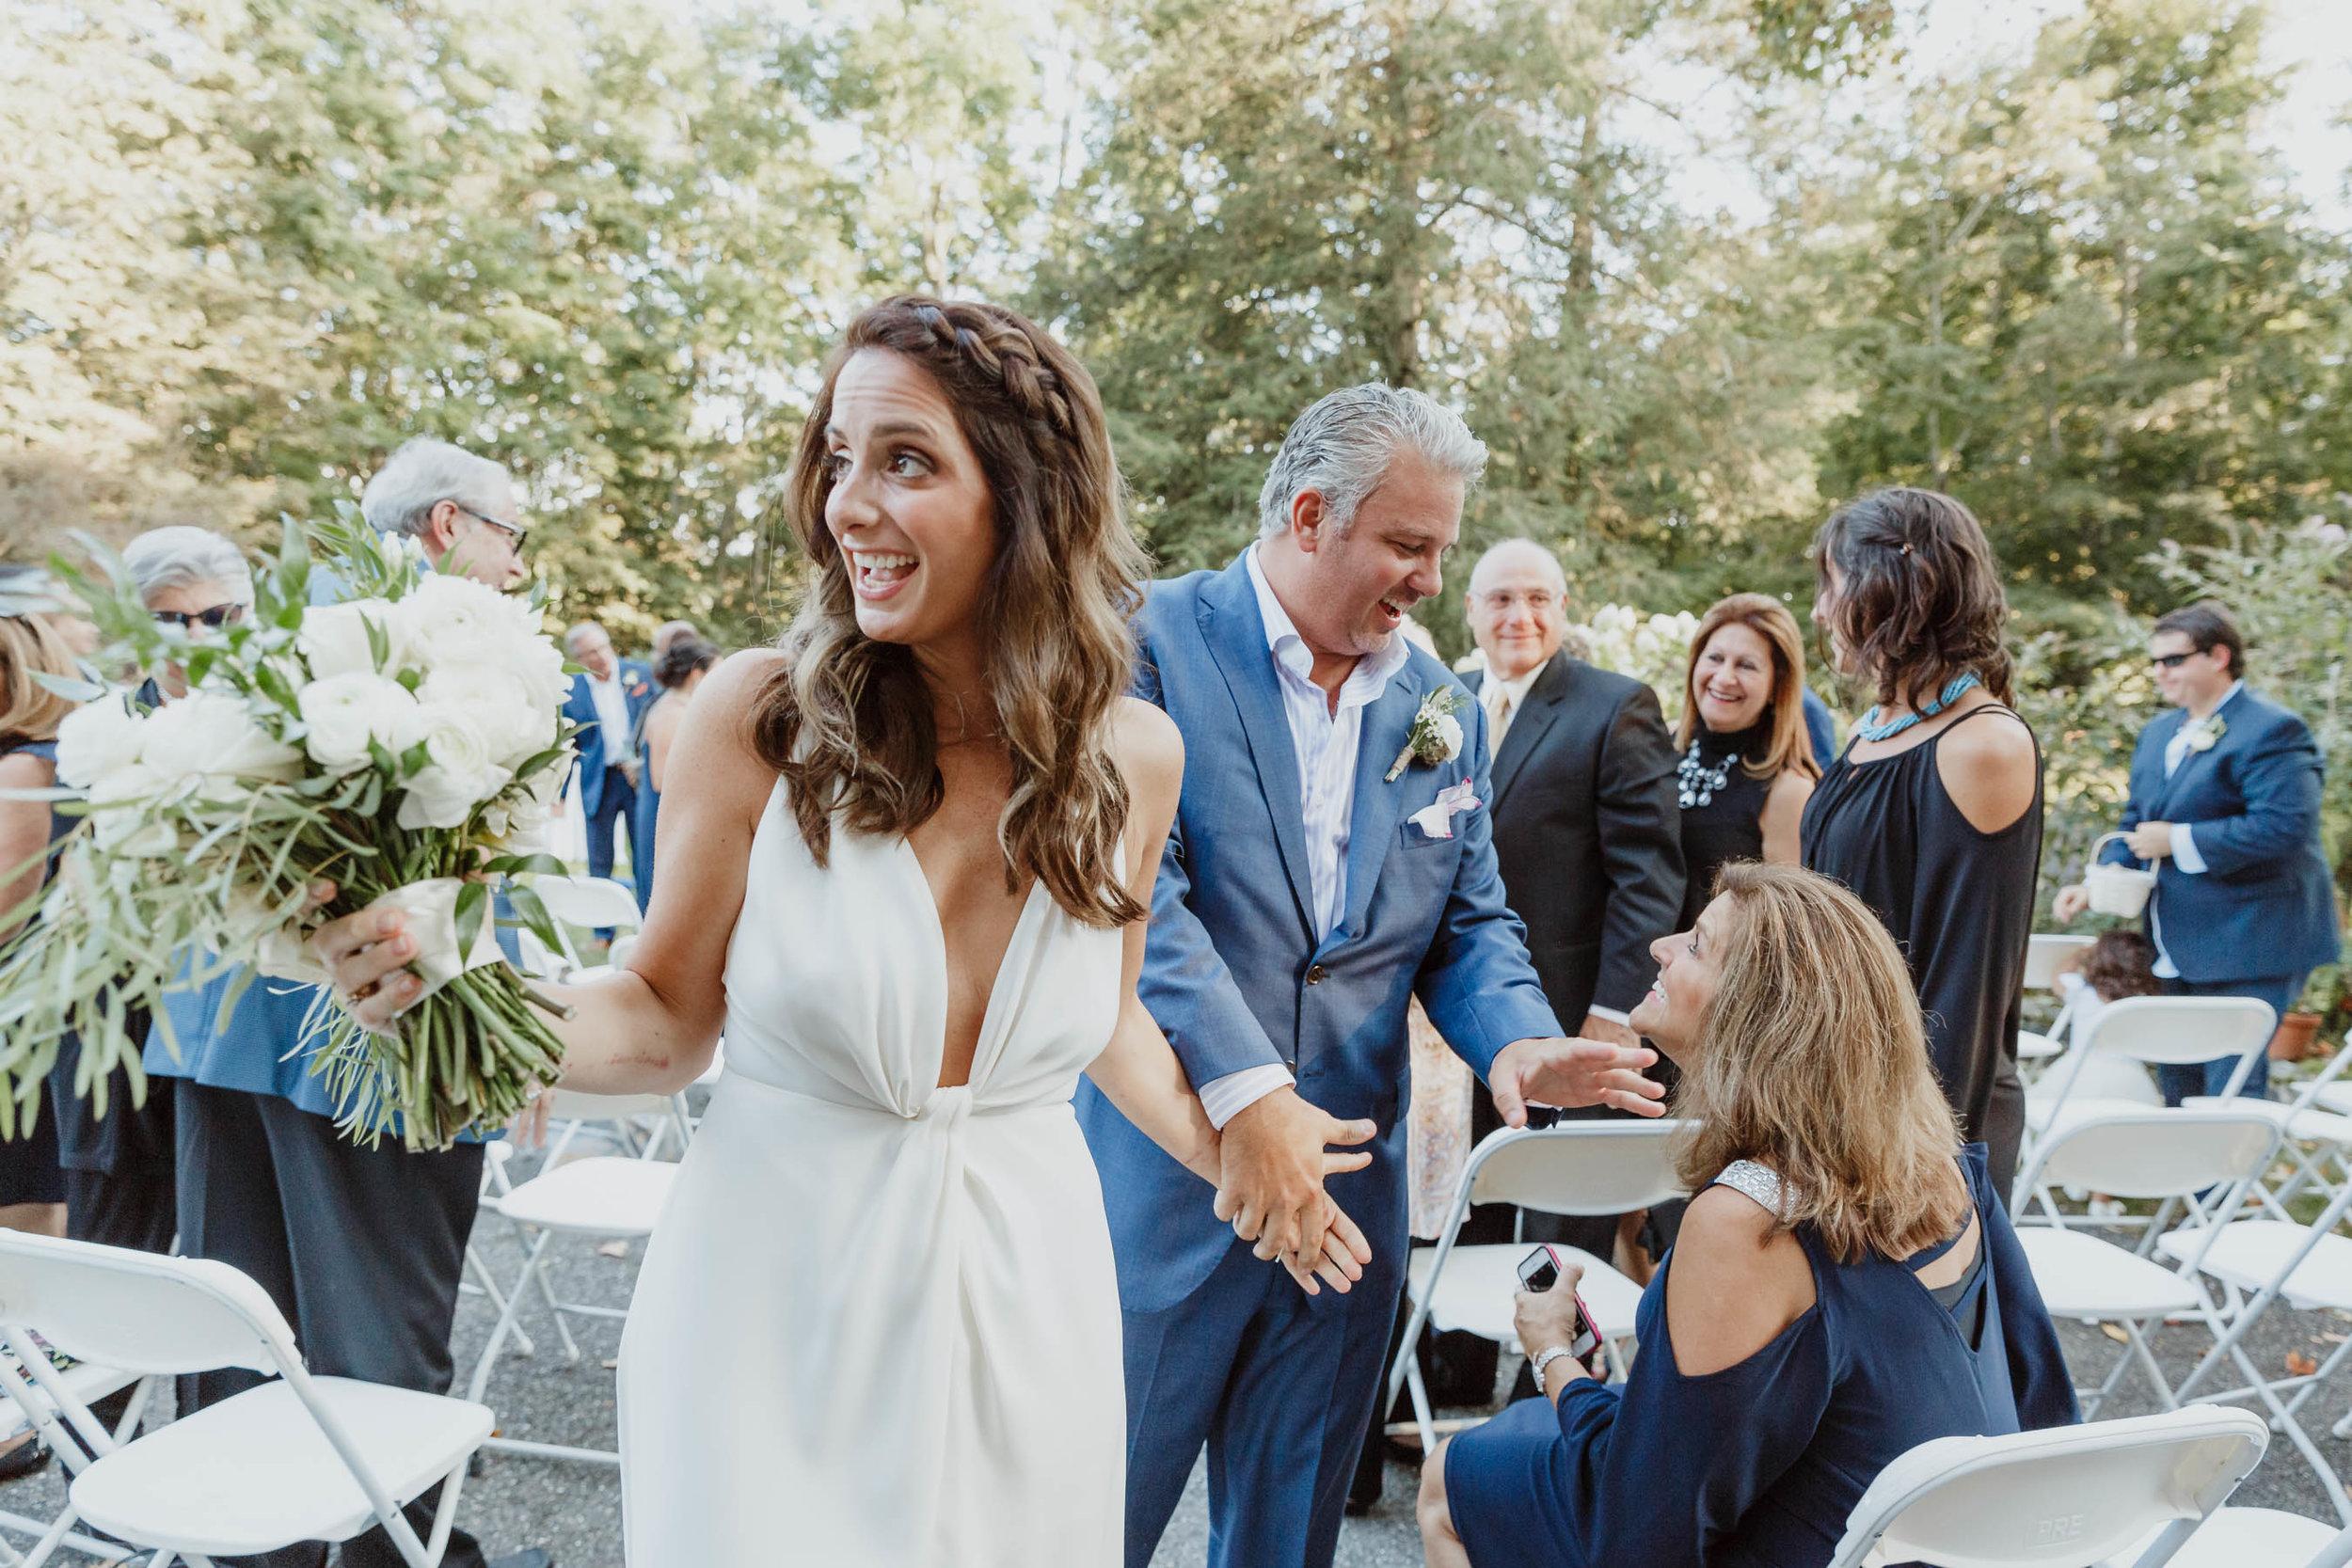 fairfield-county-connecticut-backyard-wedding-photographer--66.jpg